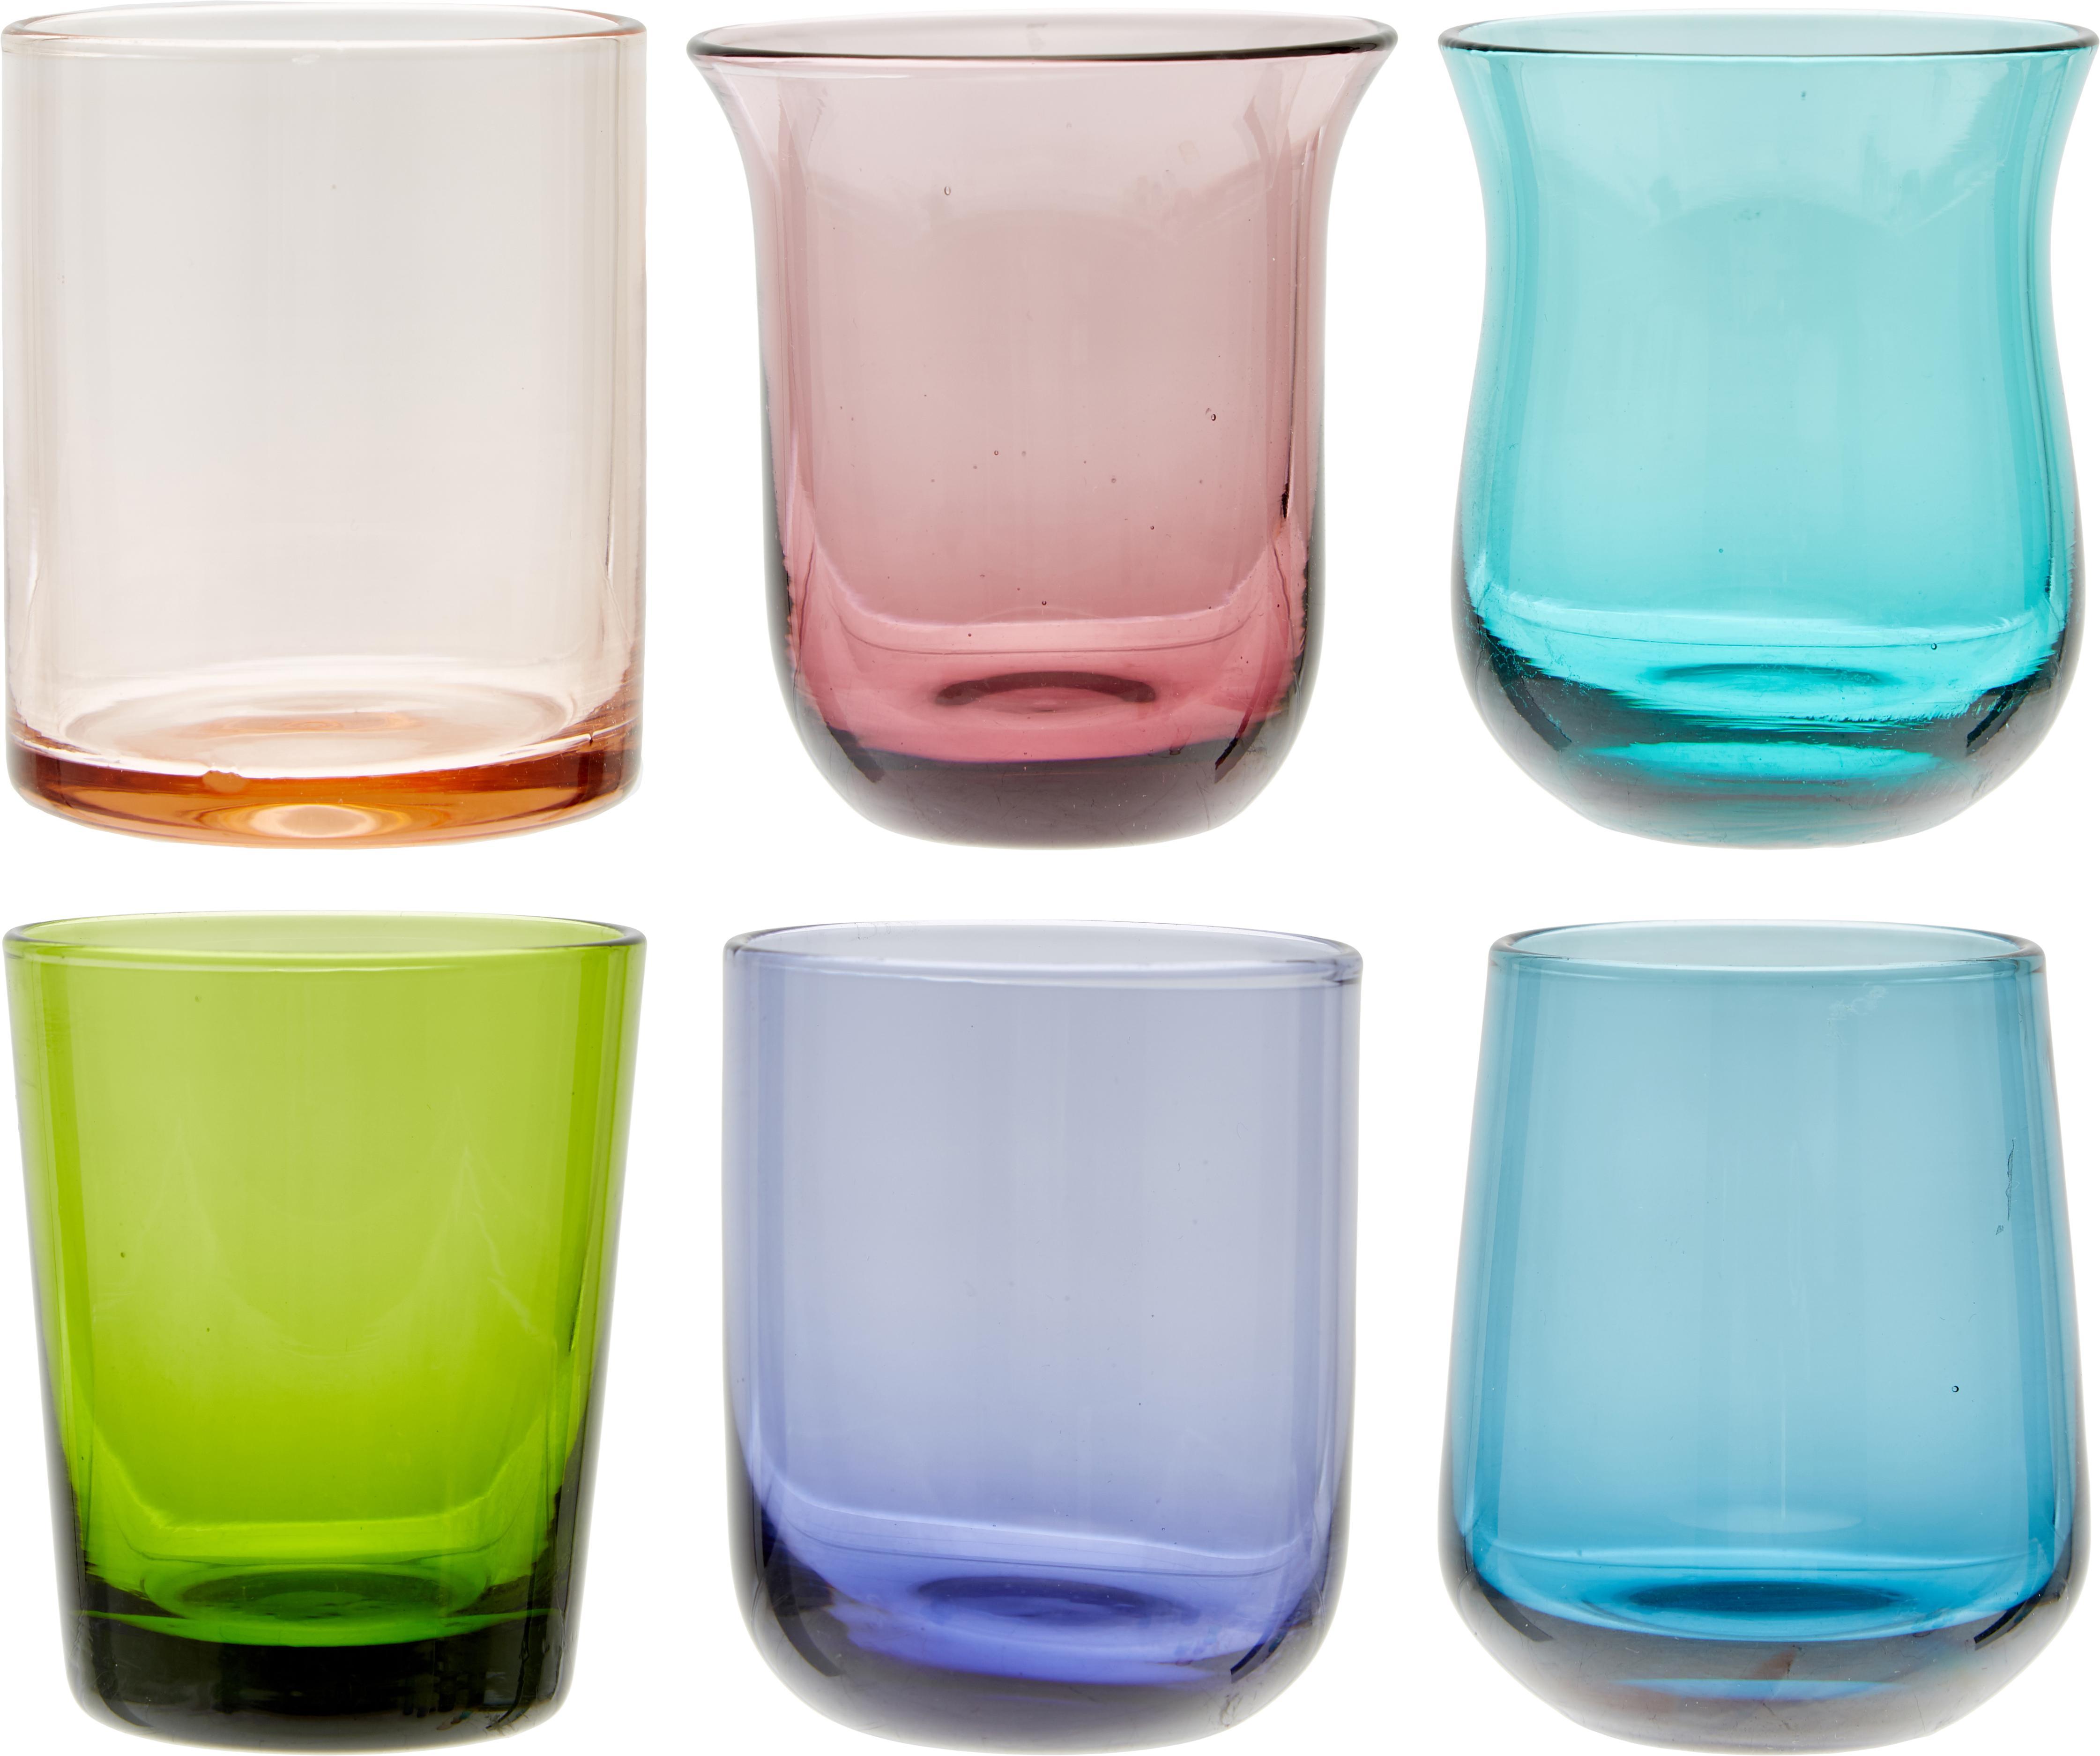 Mondgeblazen borrelglazenset Desigual, 6-delig, Mondgeblazen glas, Multicolour, Ø 6 x H 6 cm